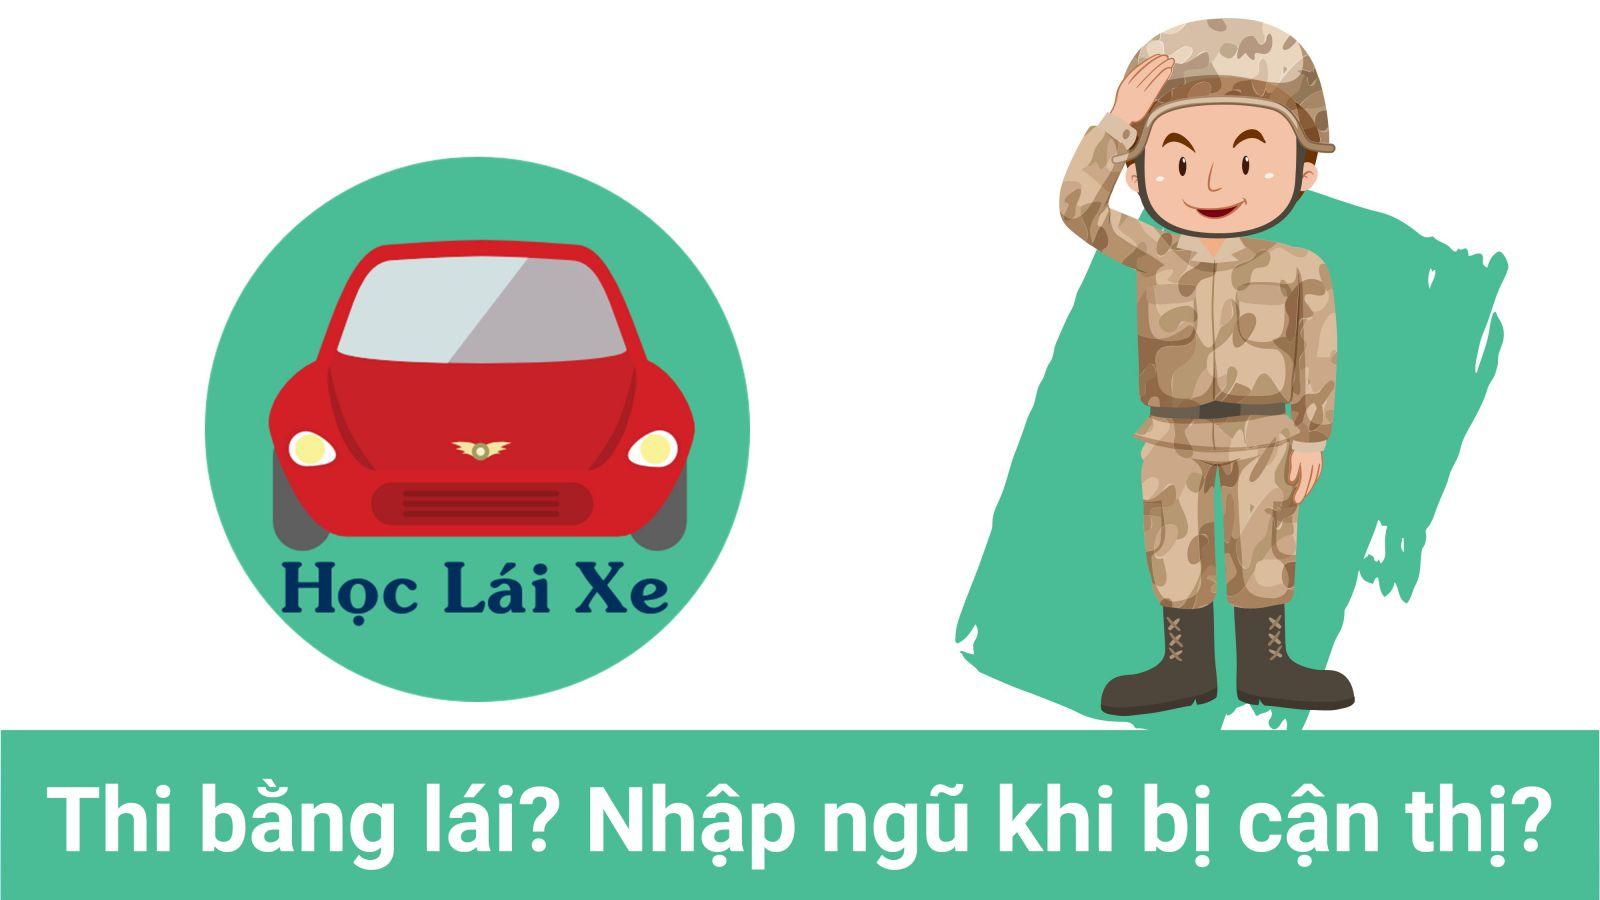 Bị Tật khúc xạ mắt có thi bằng lái xe được không? Có phải tham gia Nghĩa vụ Quân sự hay không?